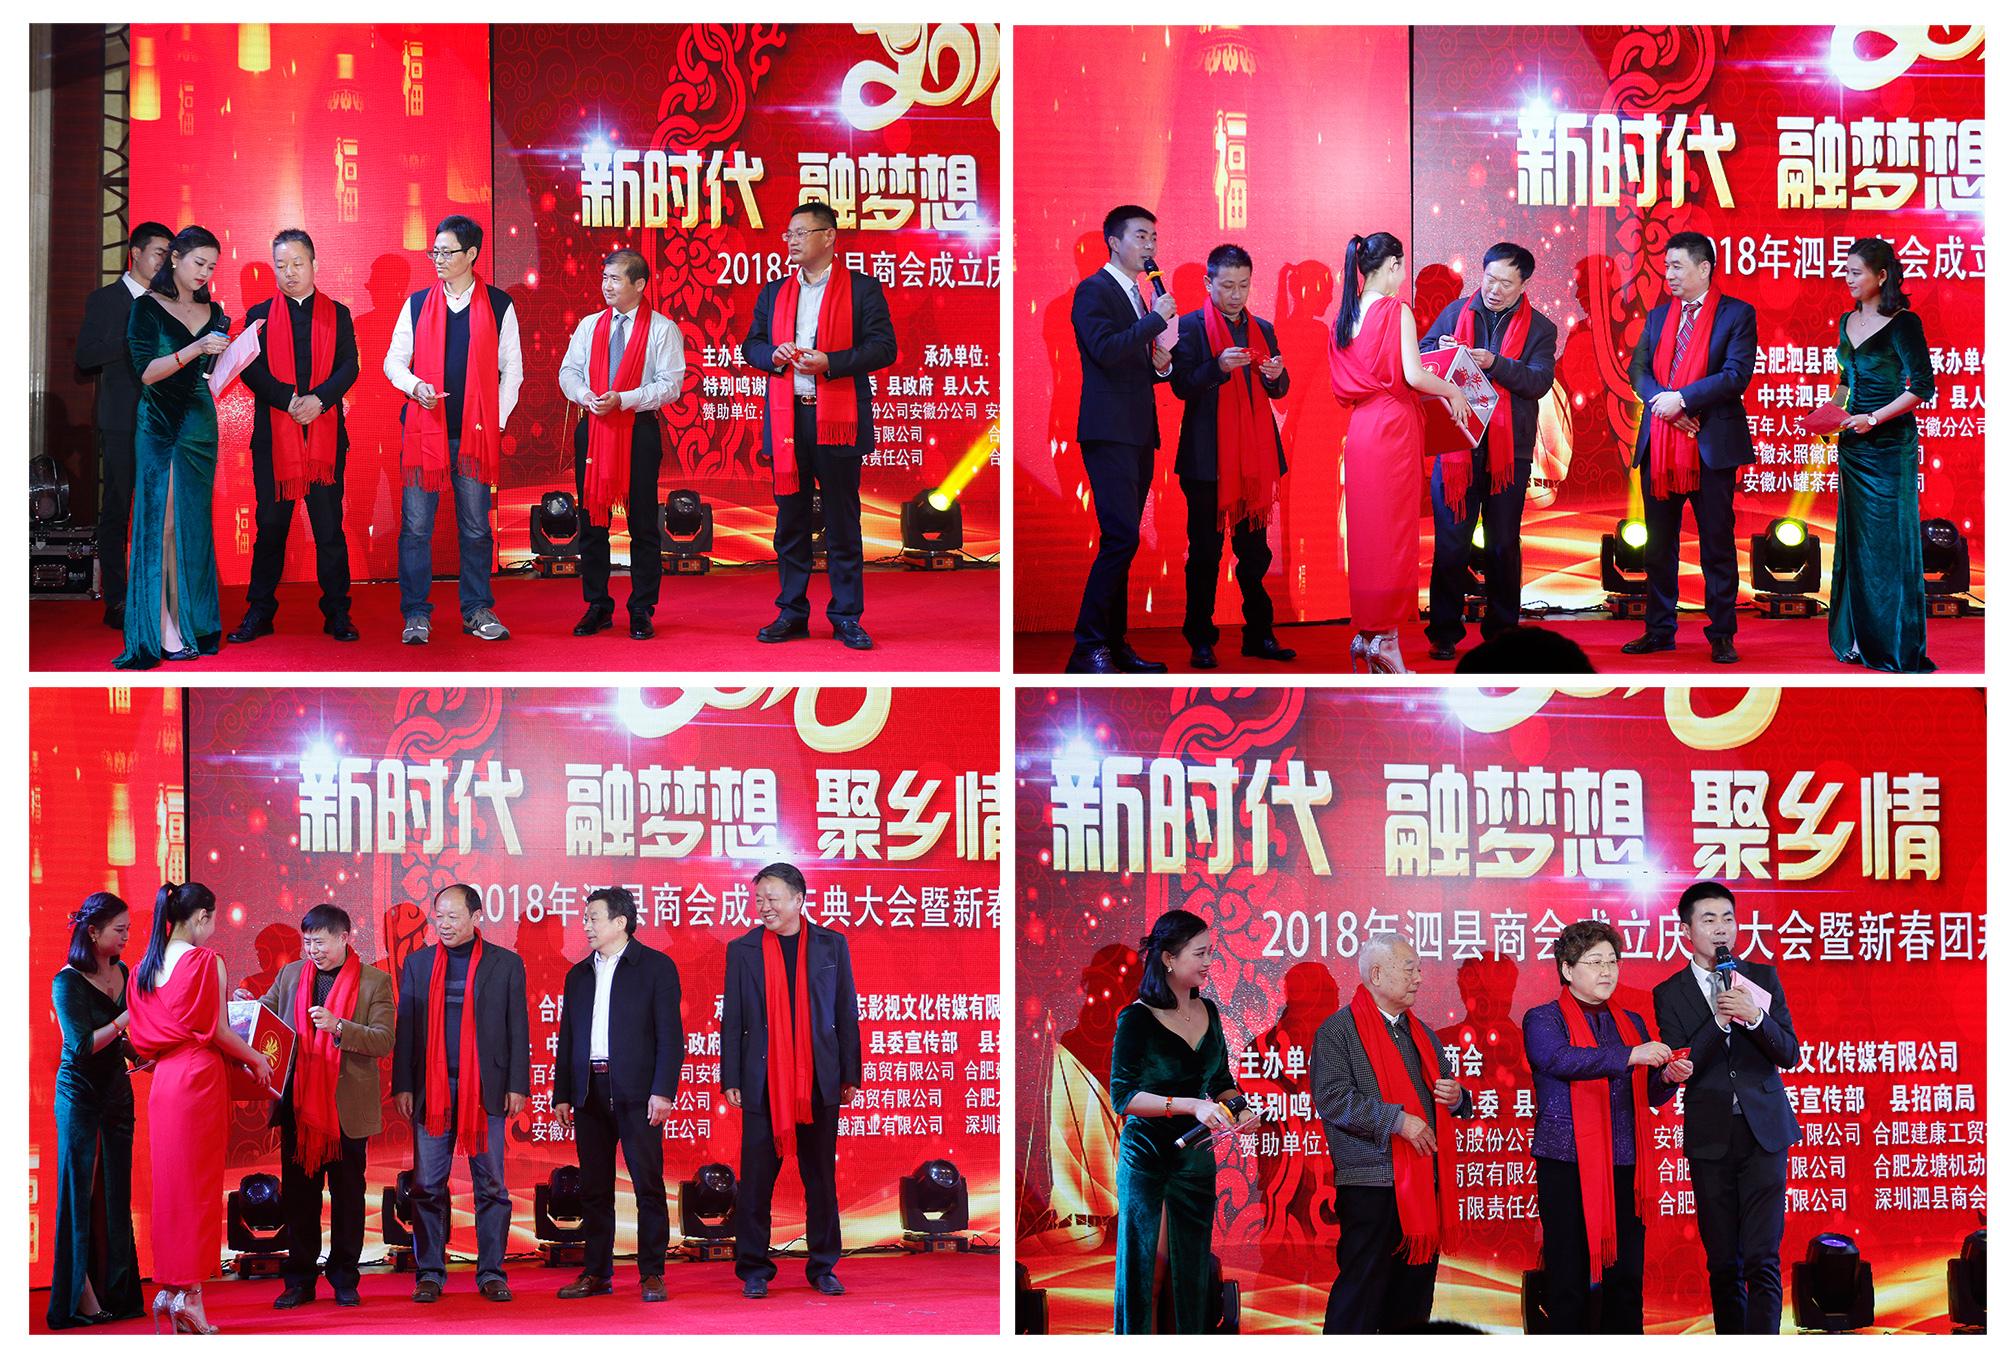 合肥泗县商会成立大会暨新春团拜会隆重举行